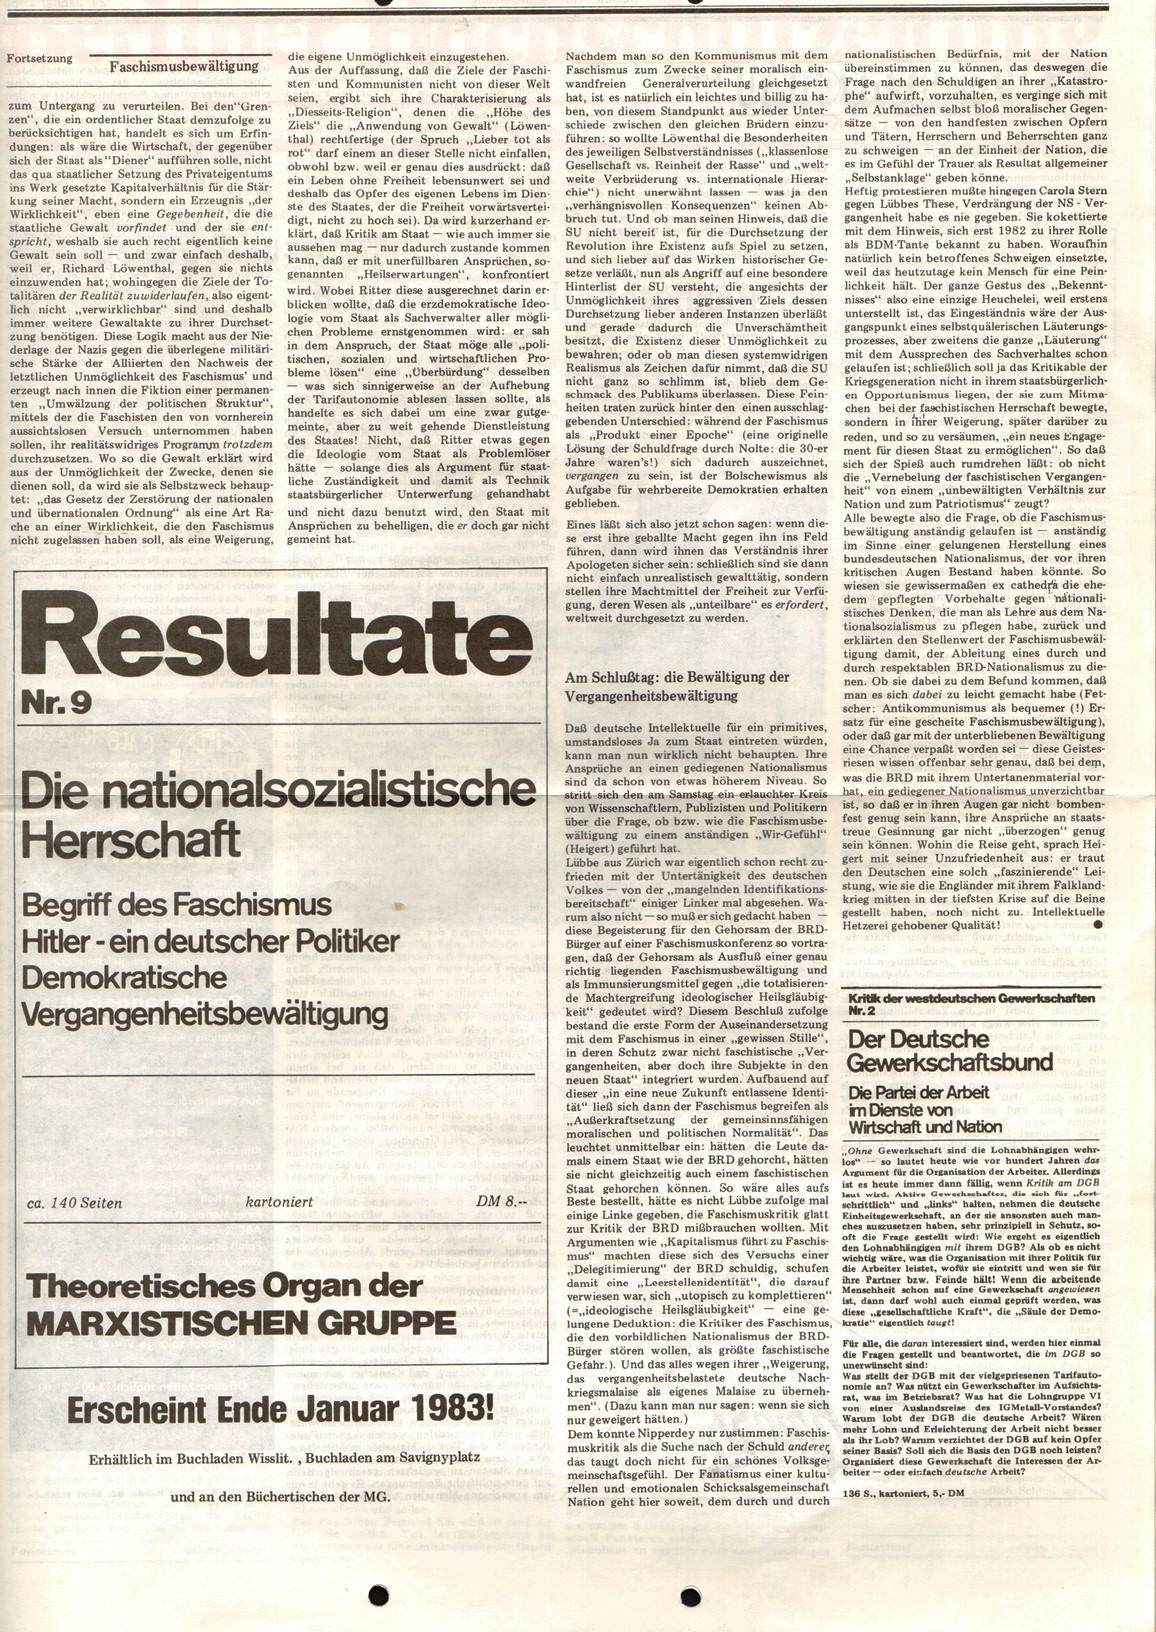 Berlin_MG_Hochschulzeitung_19830124_05